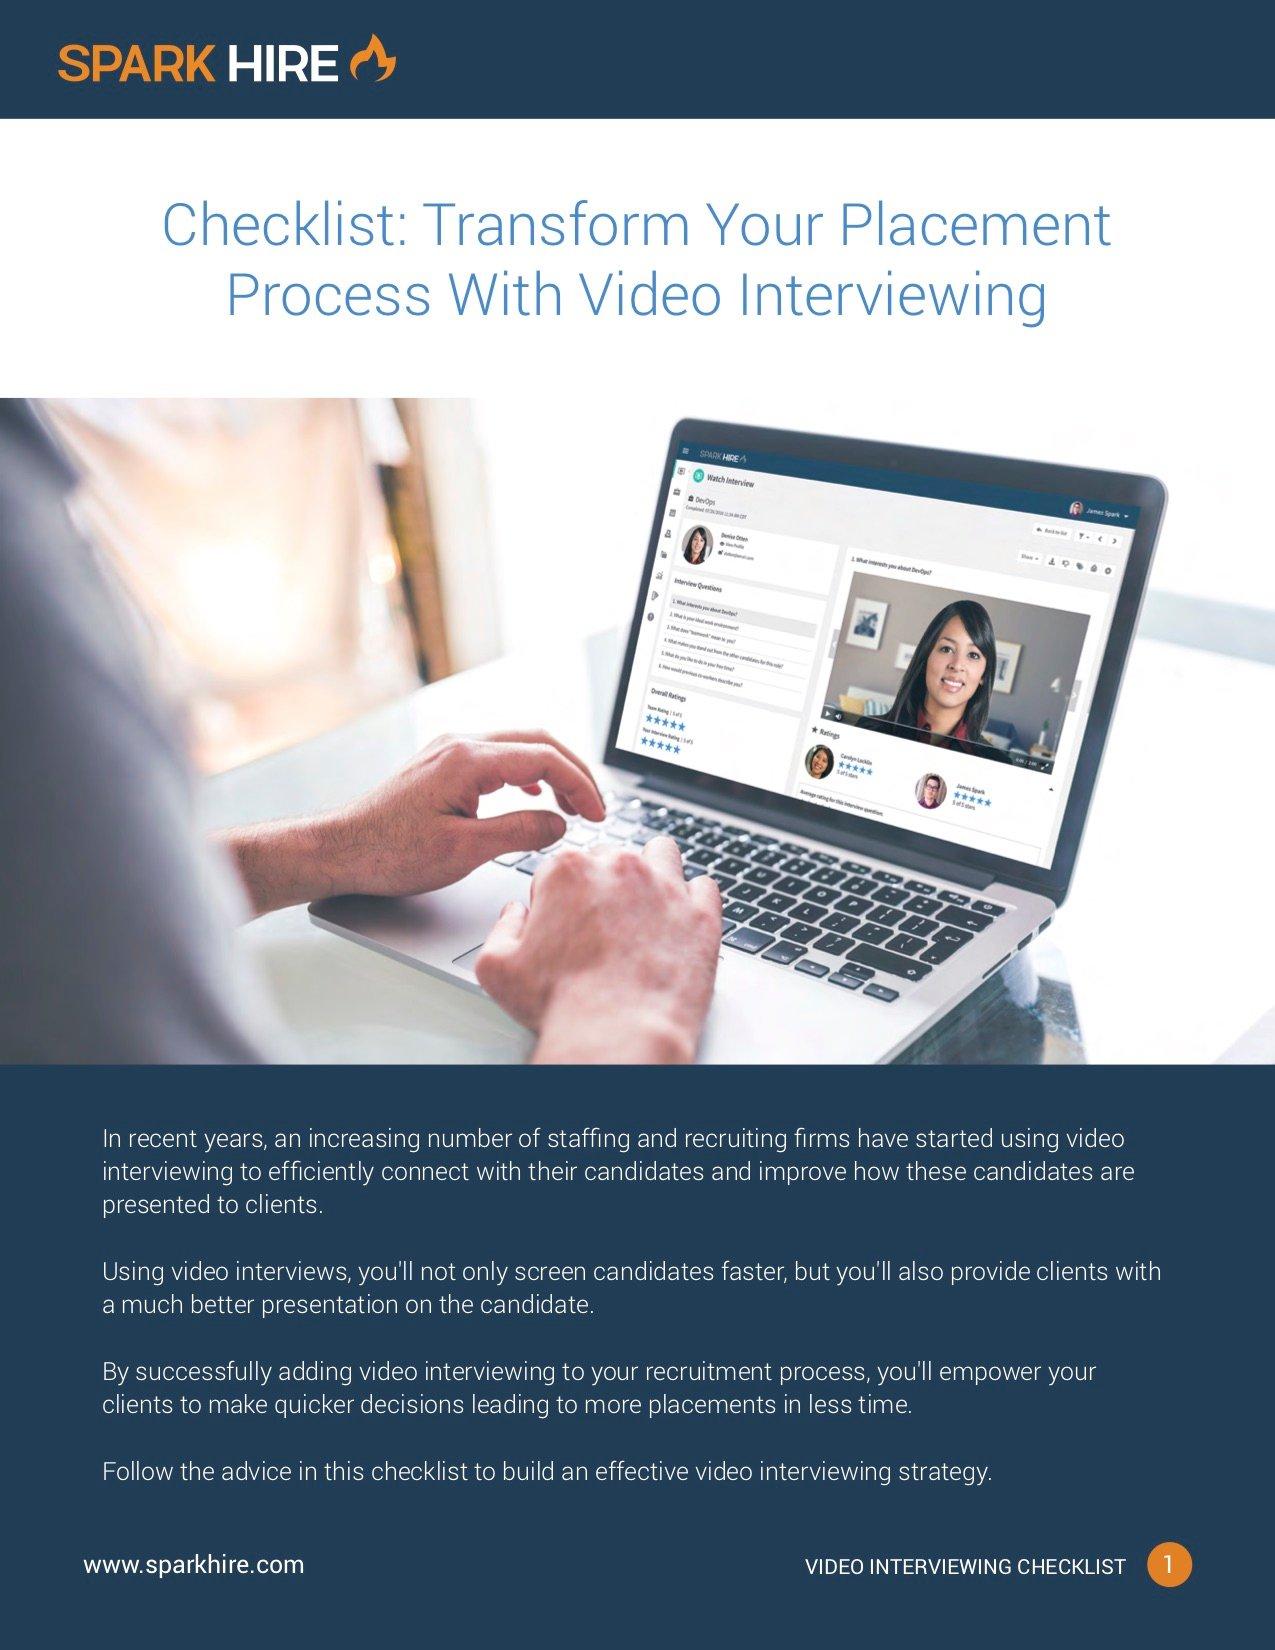 staffing-video-interviewing-checklist.jpg